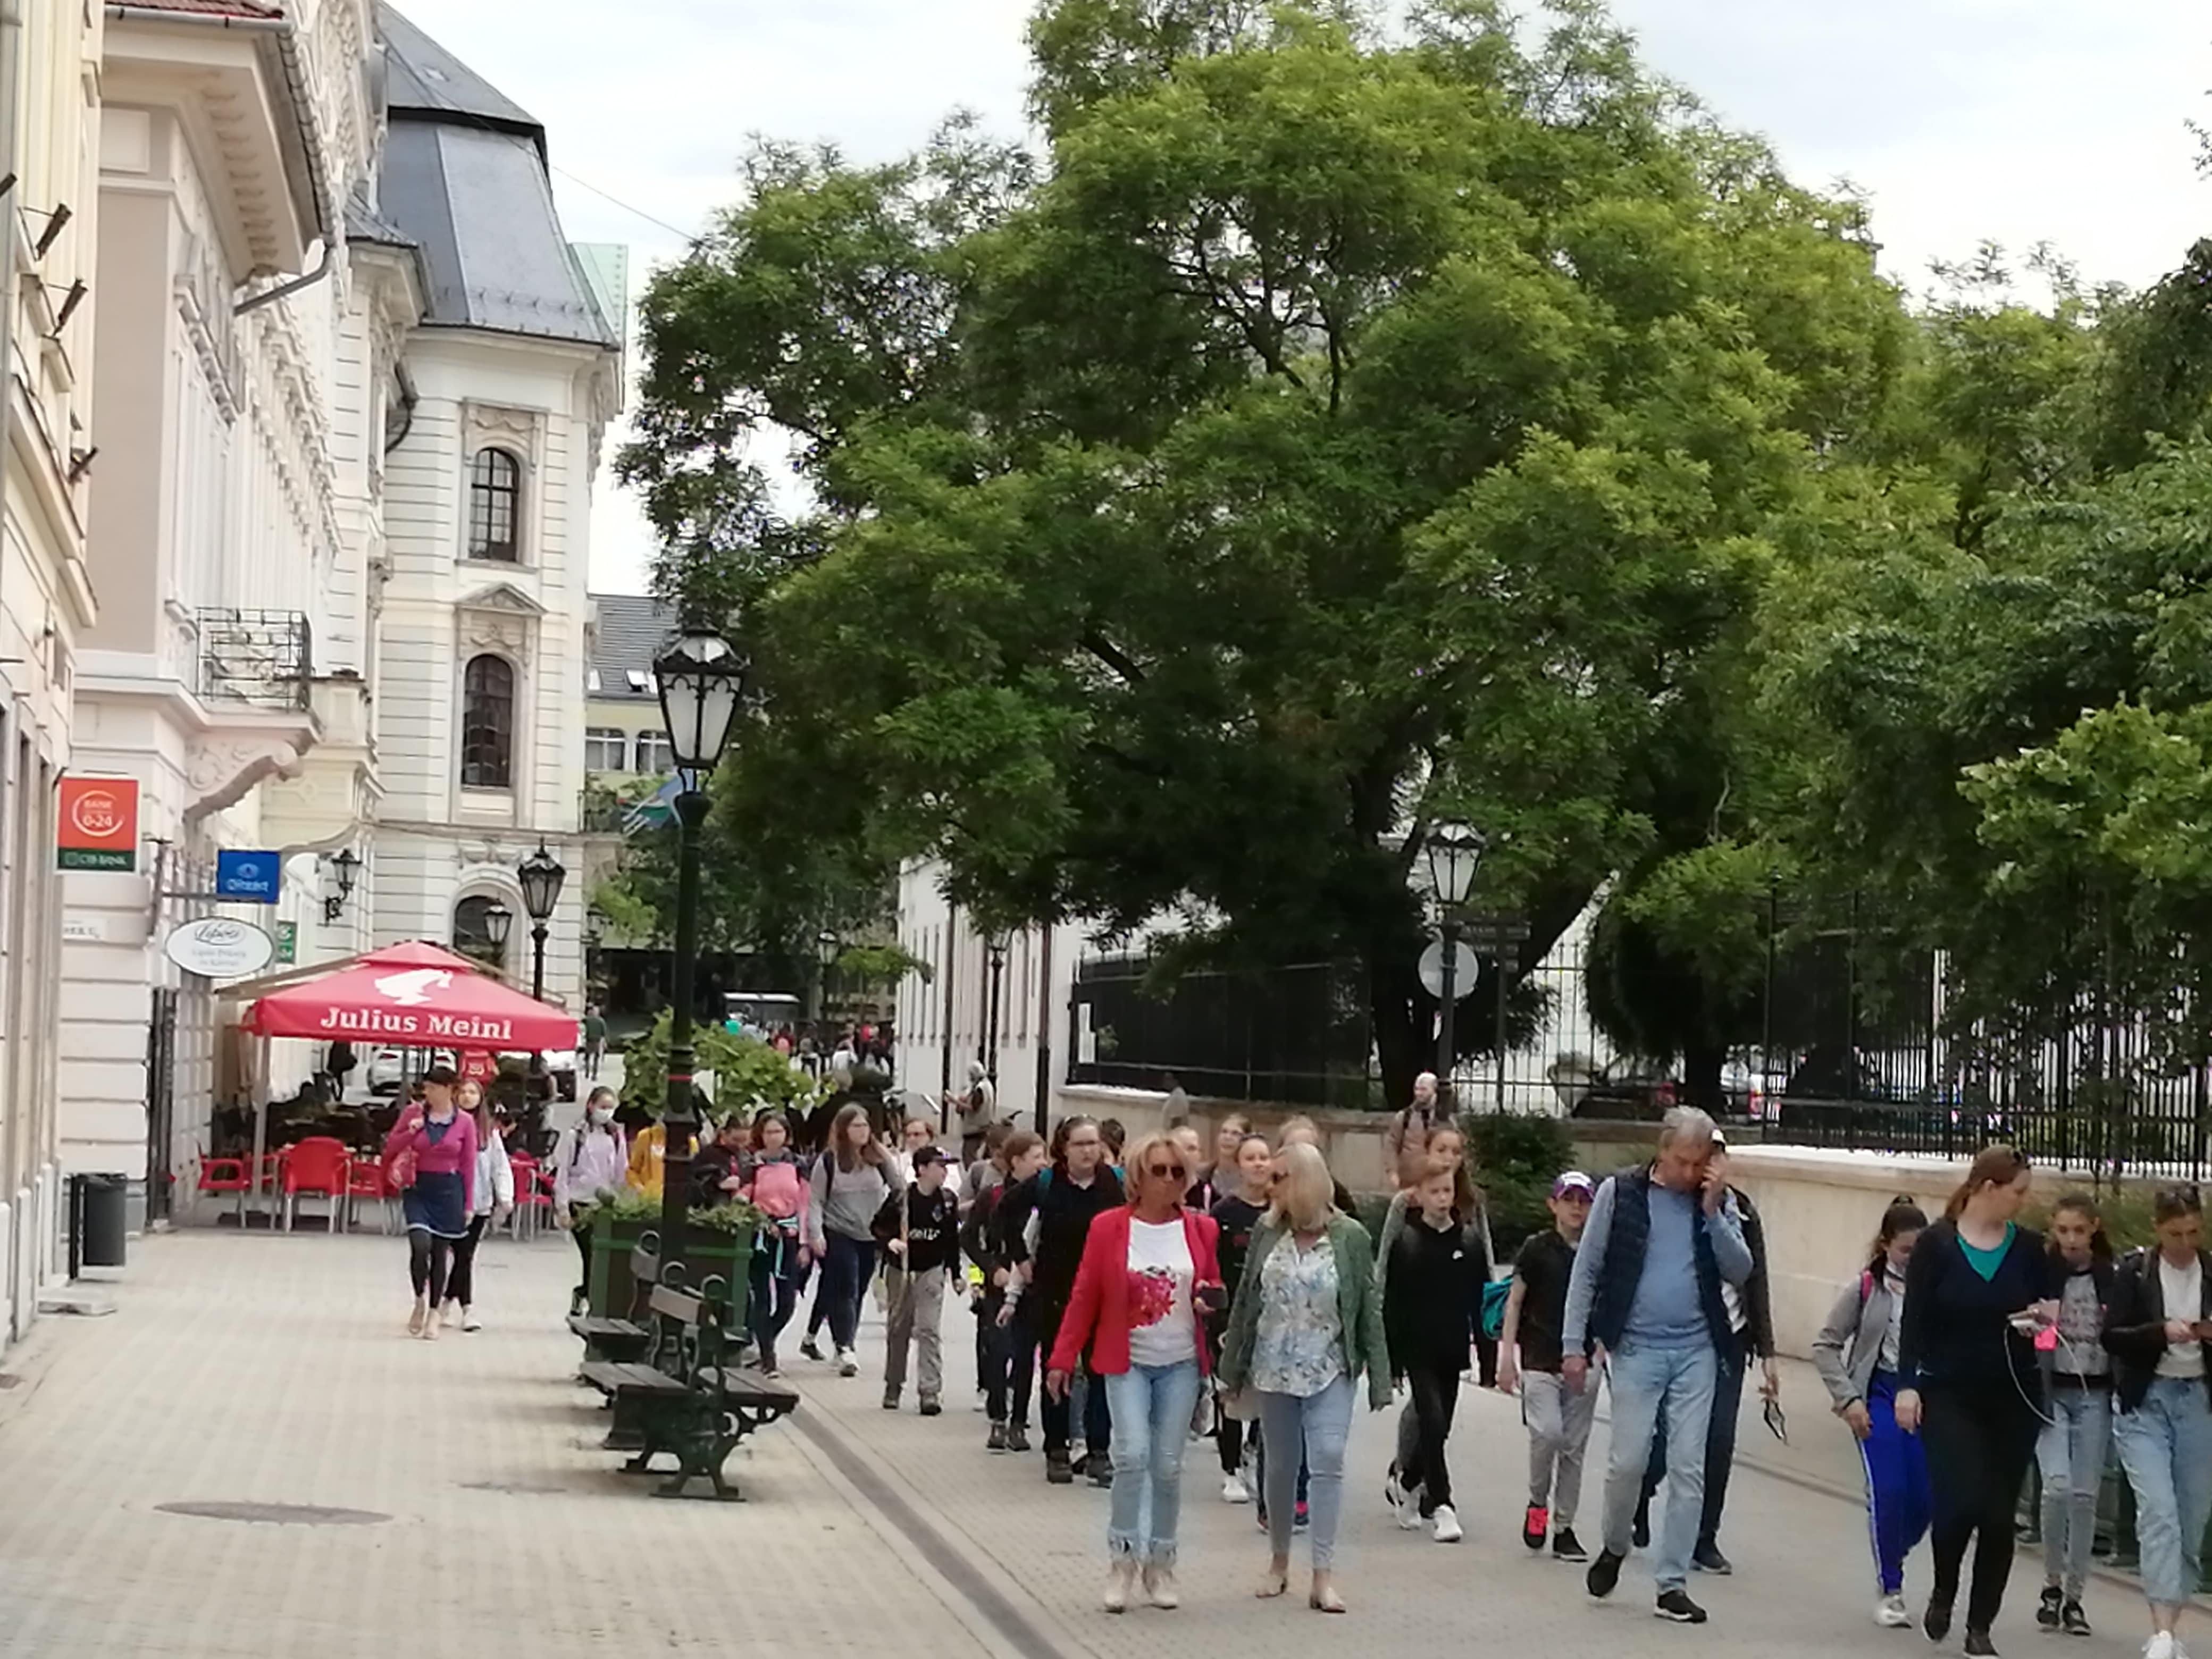 Kötelező egri kirándulás: most még csupán az iskolások nyüzsögnek az utcákon